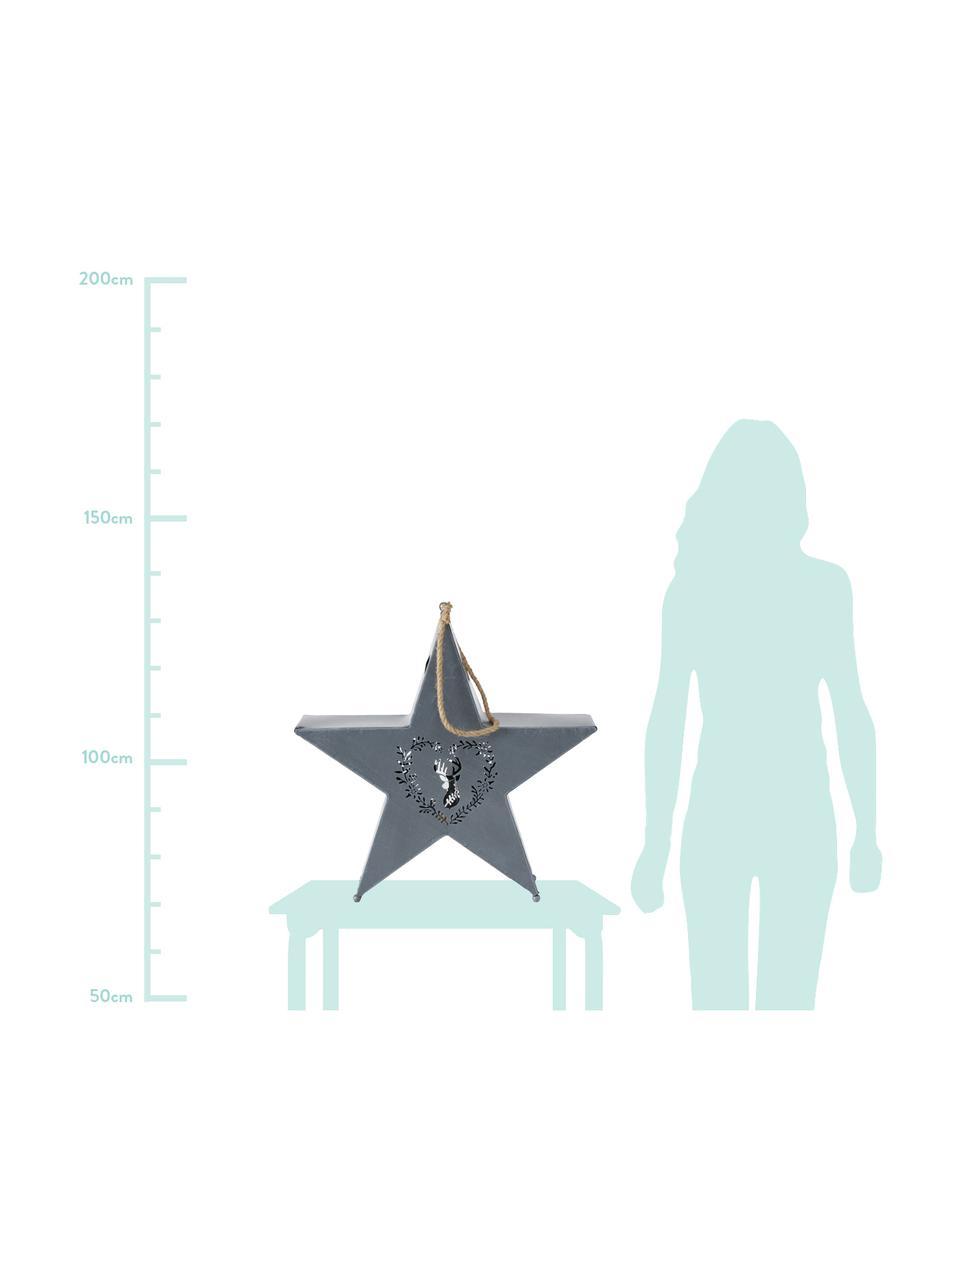 Komplet latarenek Leopold, 2 elem., Szary, biały, Komplet z różnymi rozmiarami